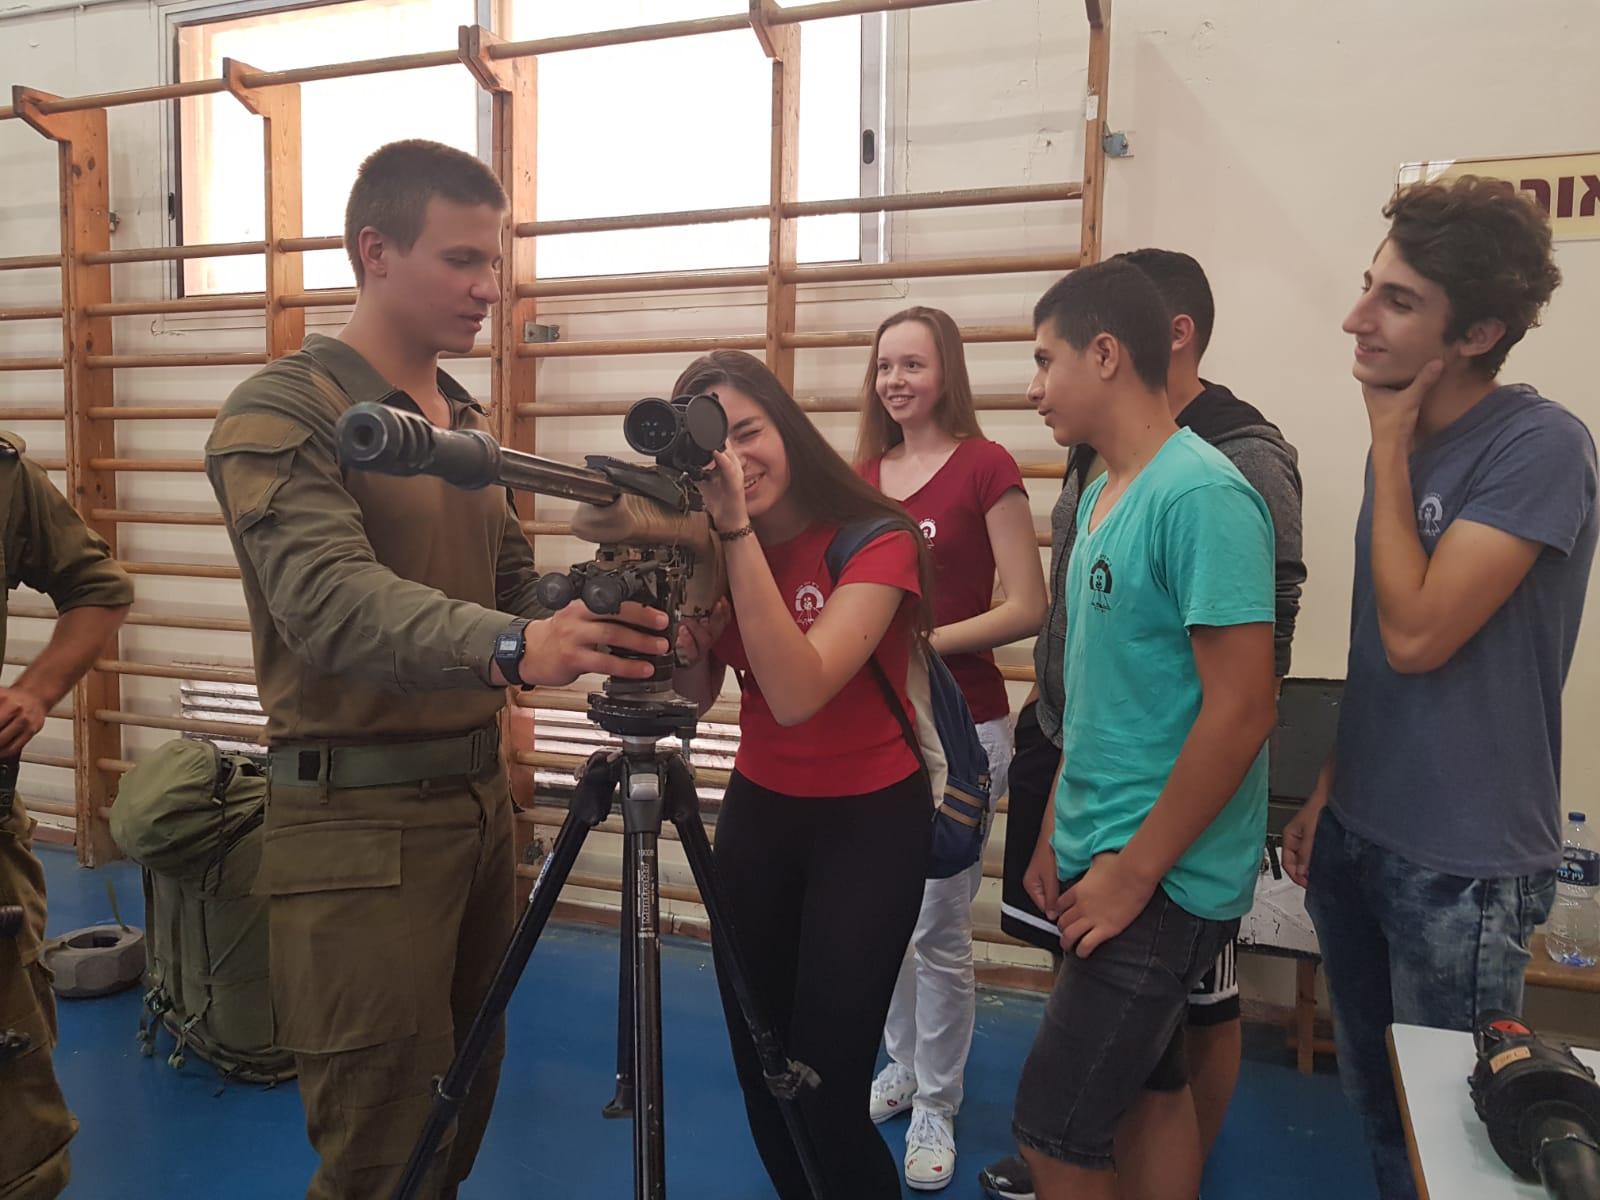 מתוך הפעילות במקיף ה' יחד עם חיילי גבעתי